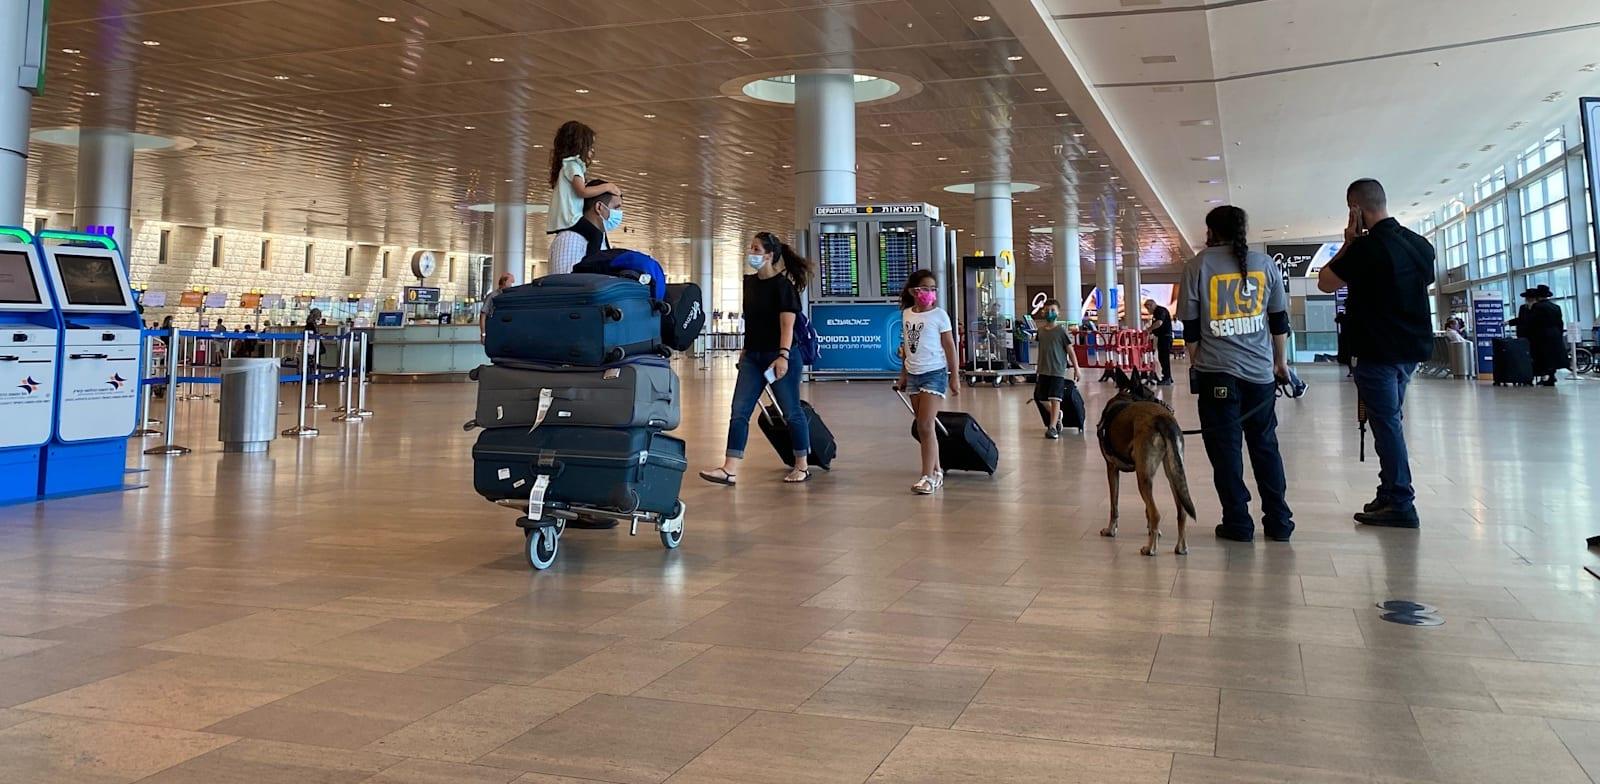 נמל התעופה בן גוריון / צילום: מיכל רז-חיימוביץ'